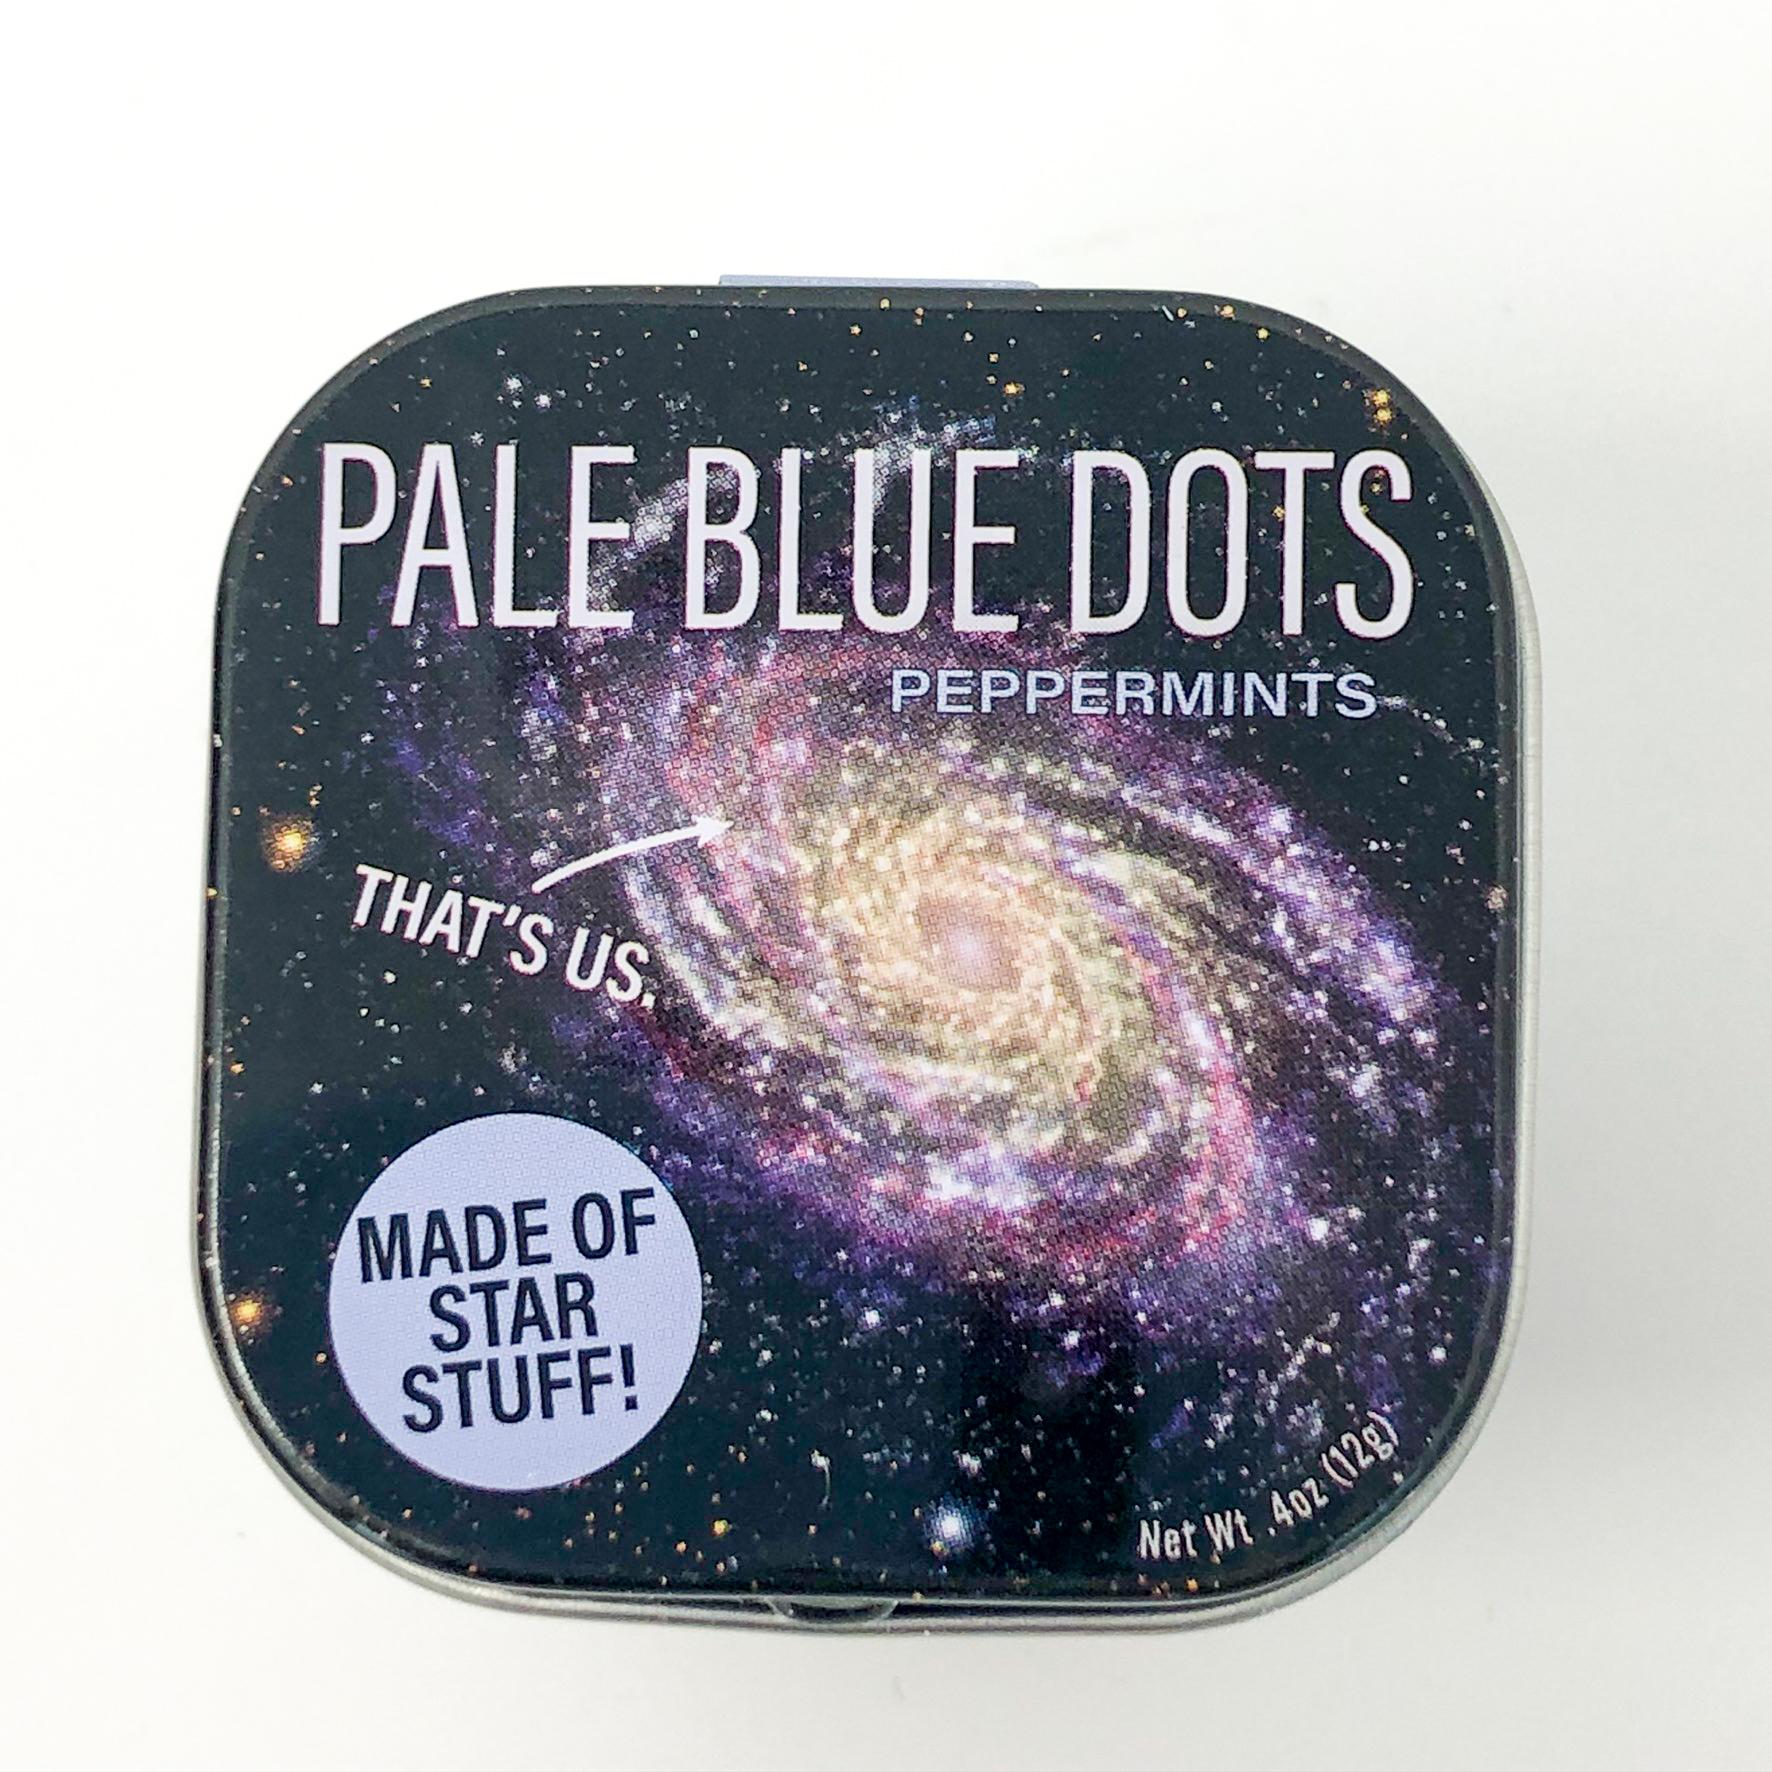 Pale Blue Dot Peppermints